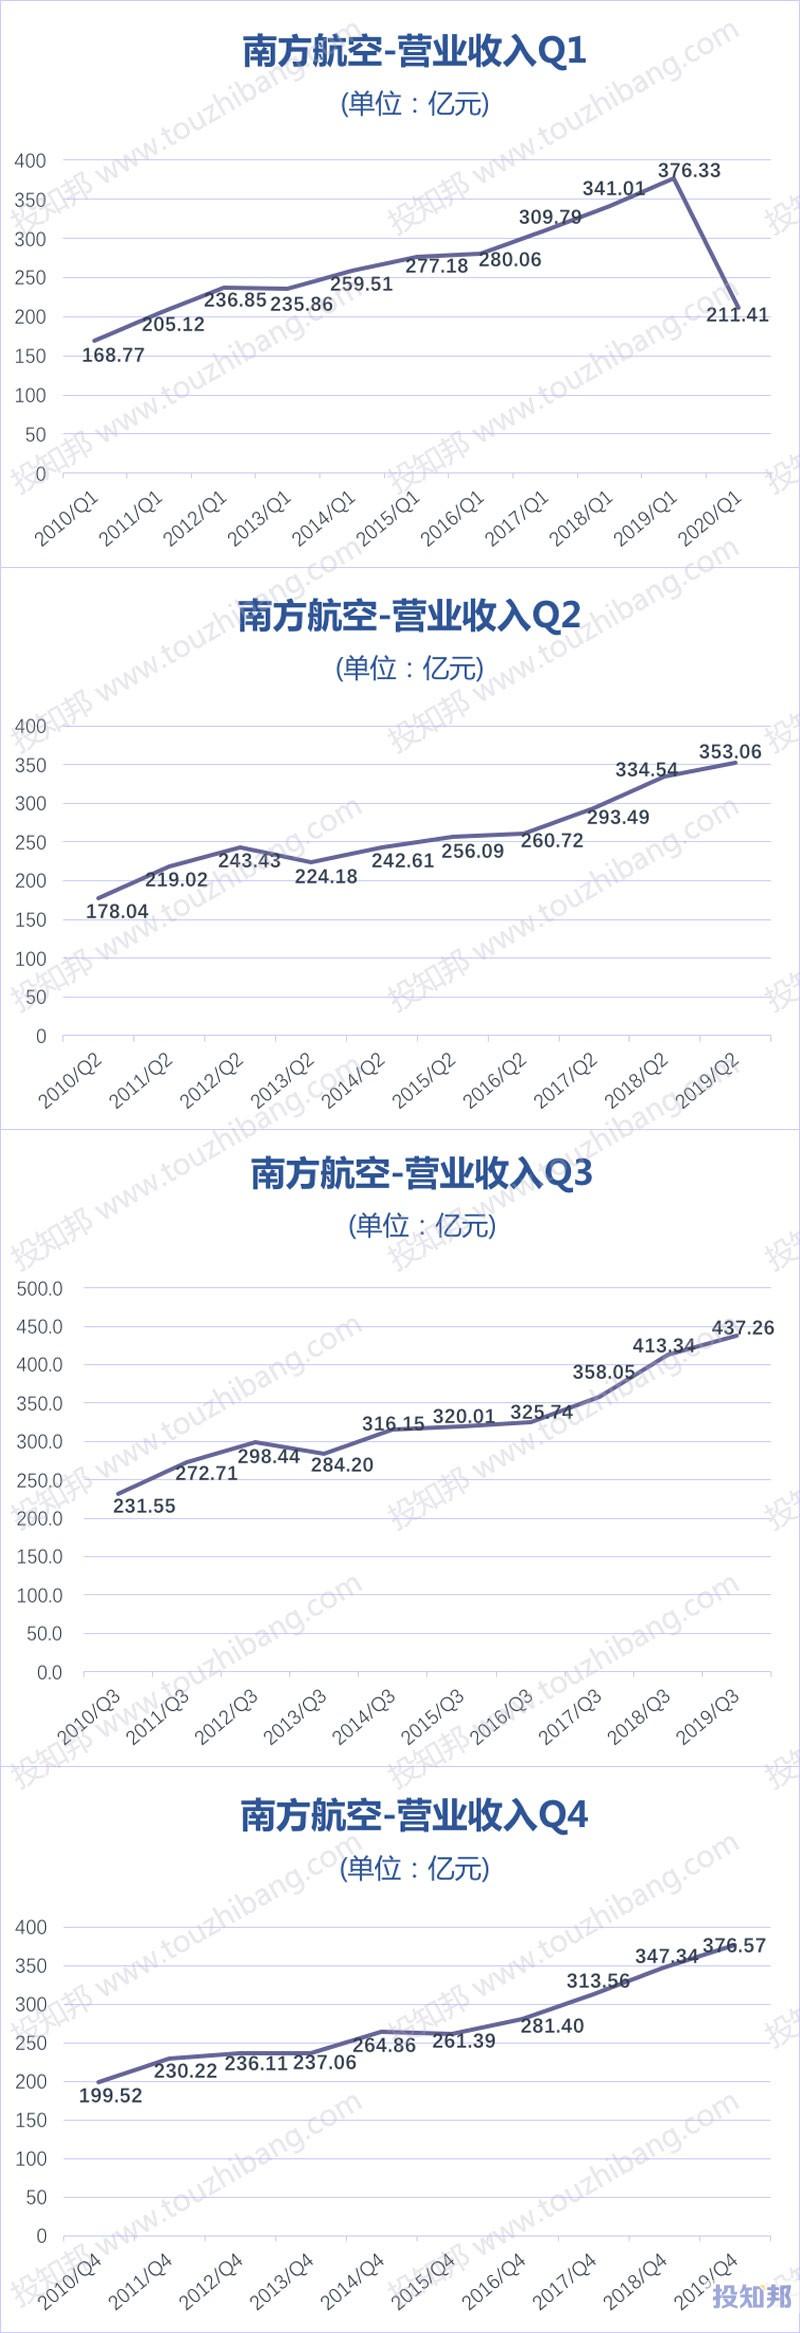 南方航空(600029)财报数据图示(2010年~2020年Q1,更新)